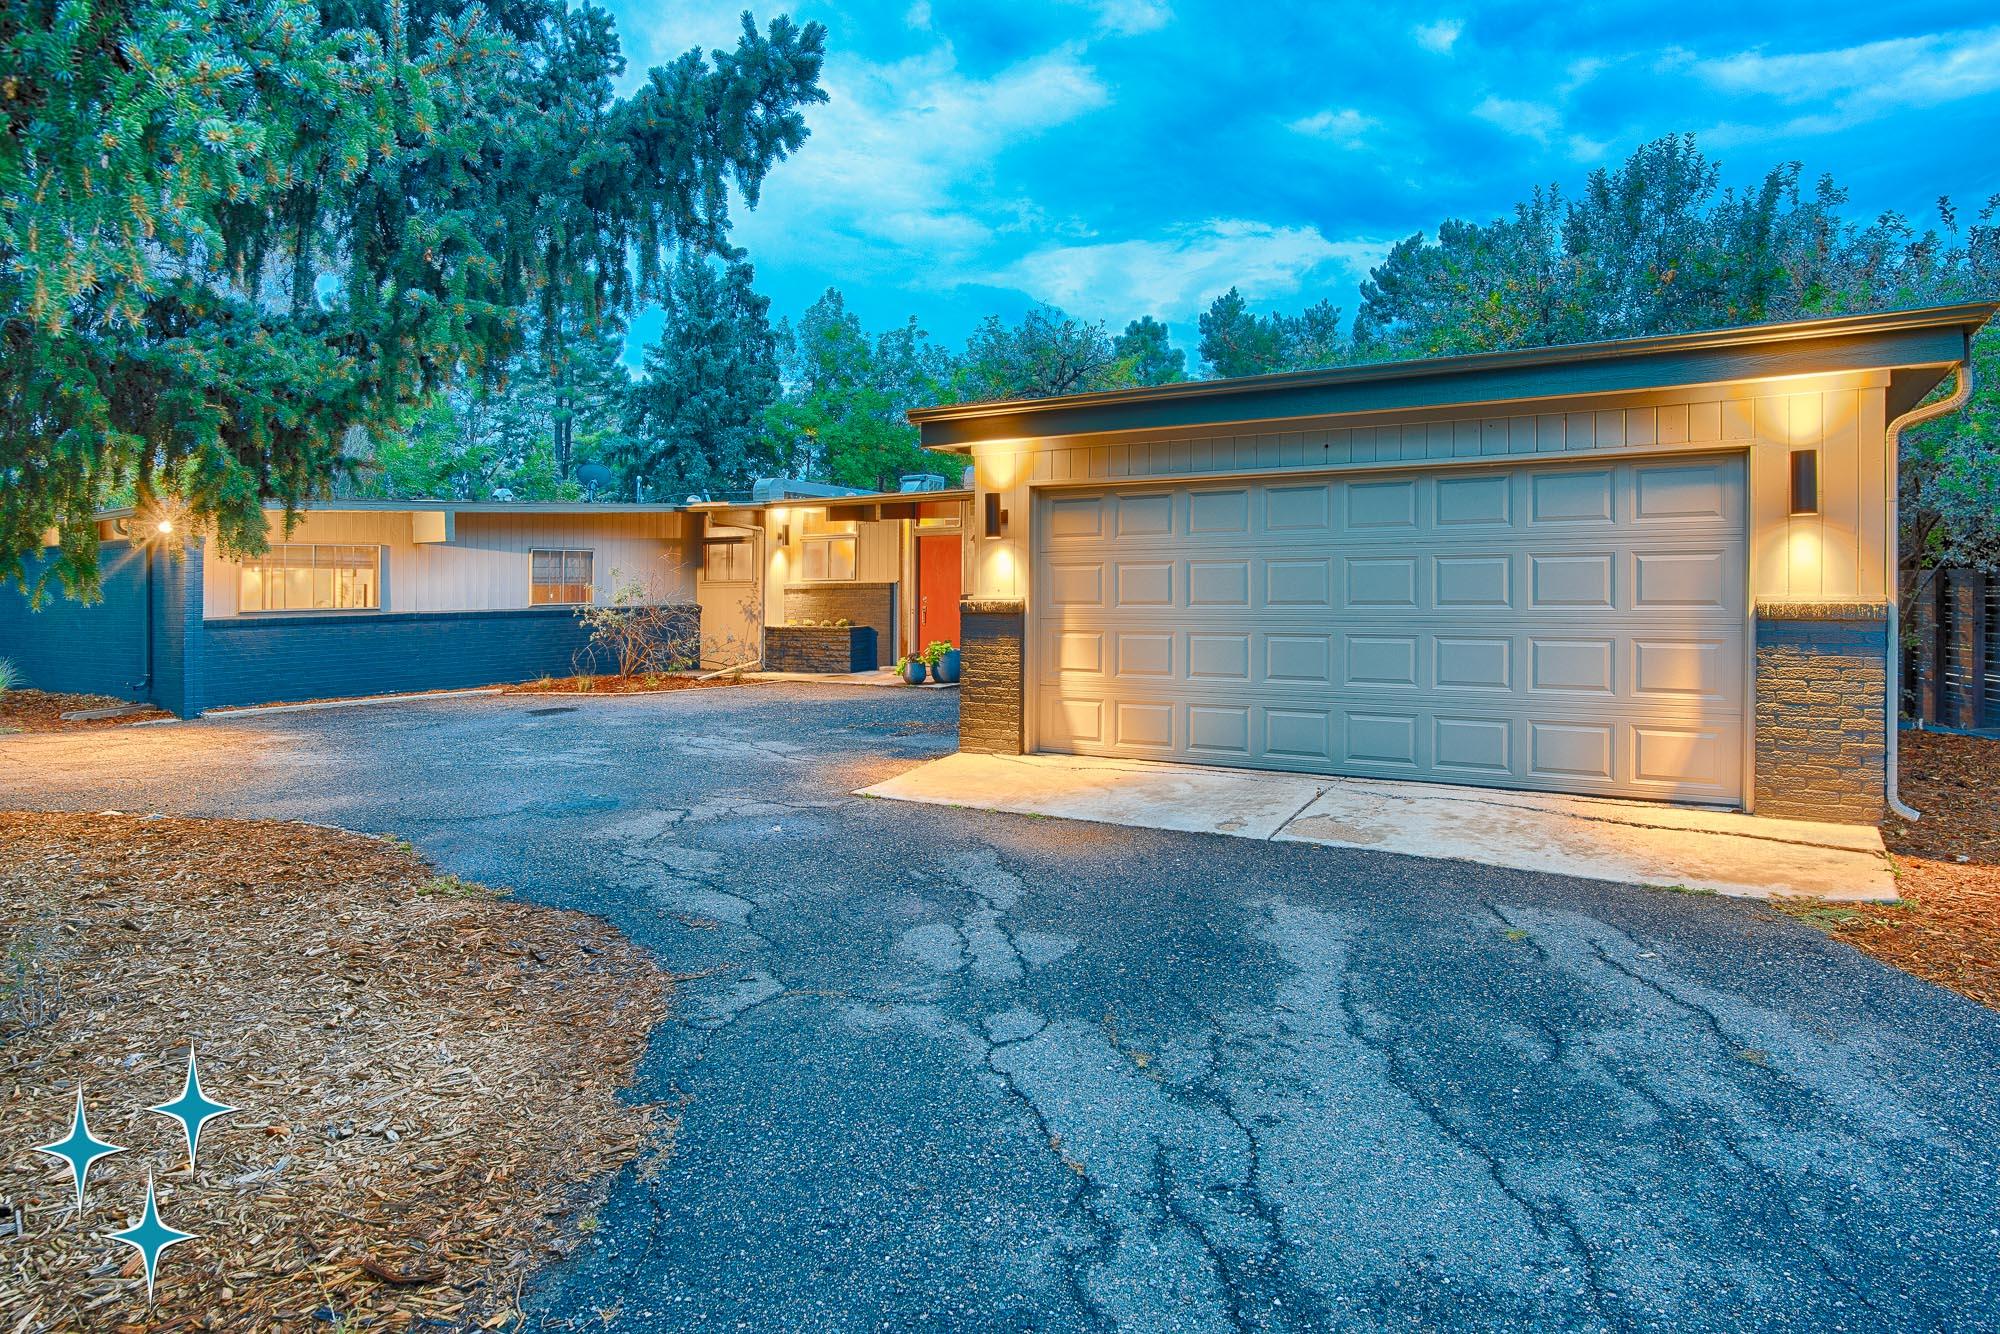 Adrian-Kinney-4920-E-Vassar-Lane-Denver-Dahlia-Acres-2000w50-3SWM-7.jpg